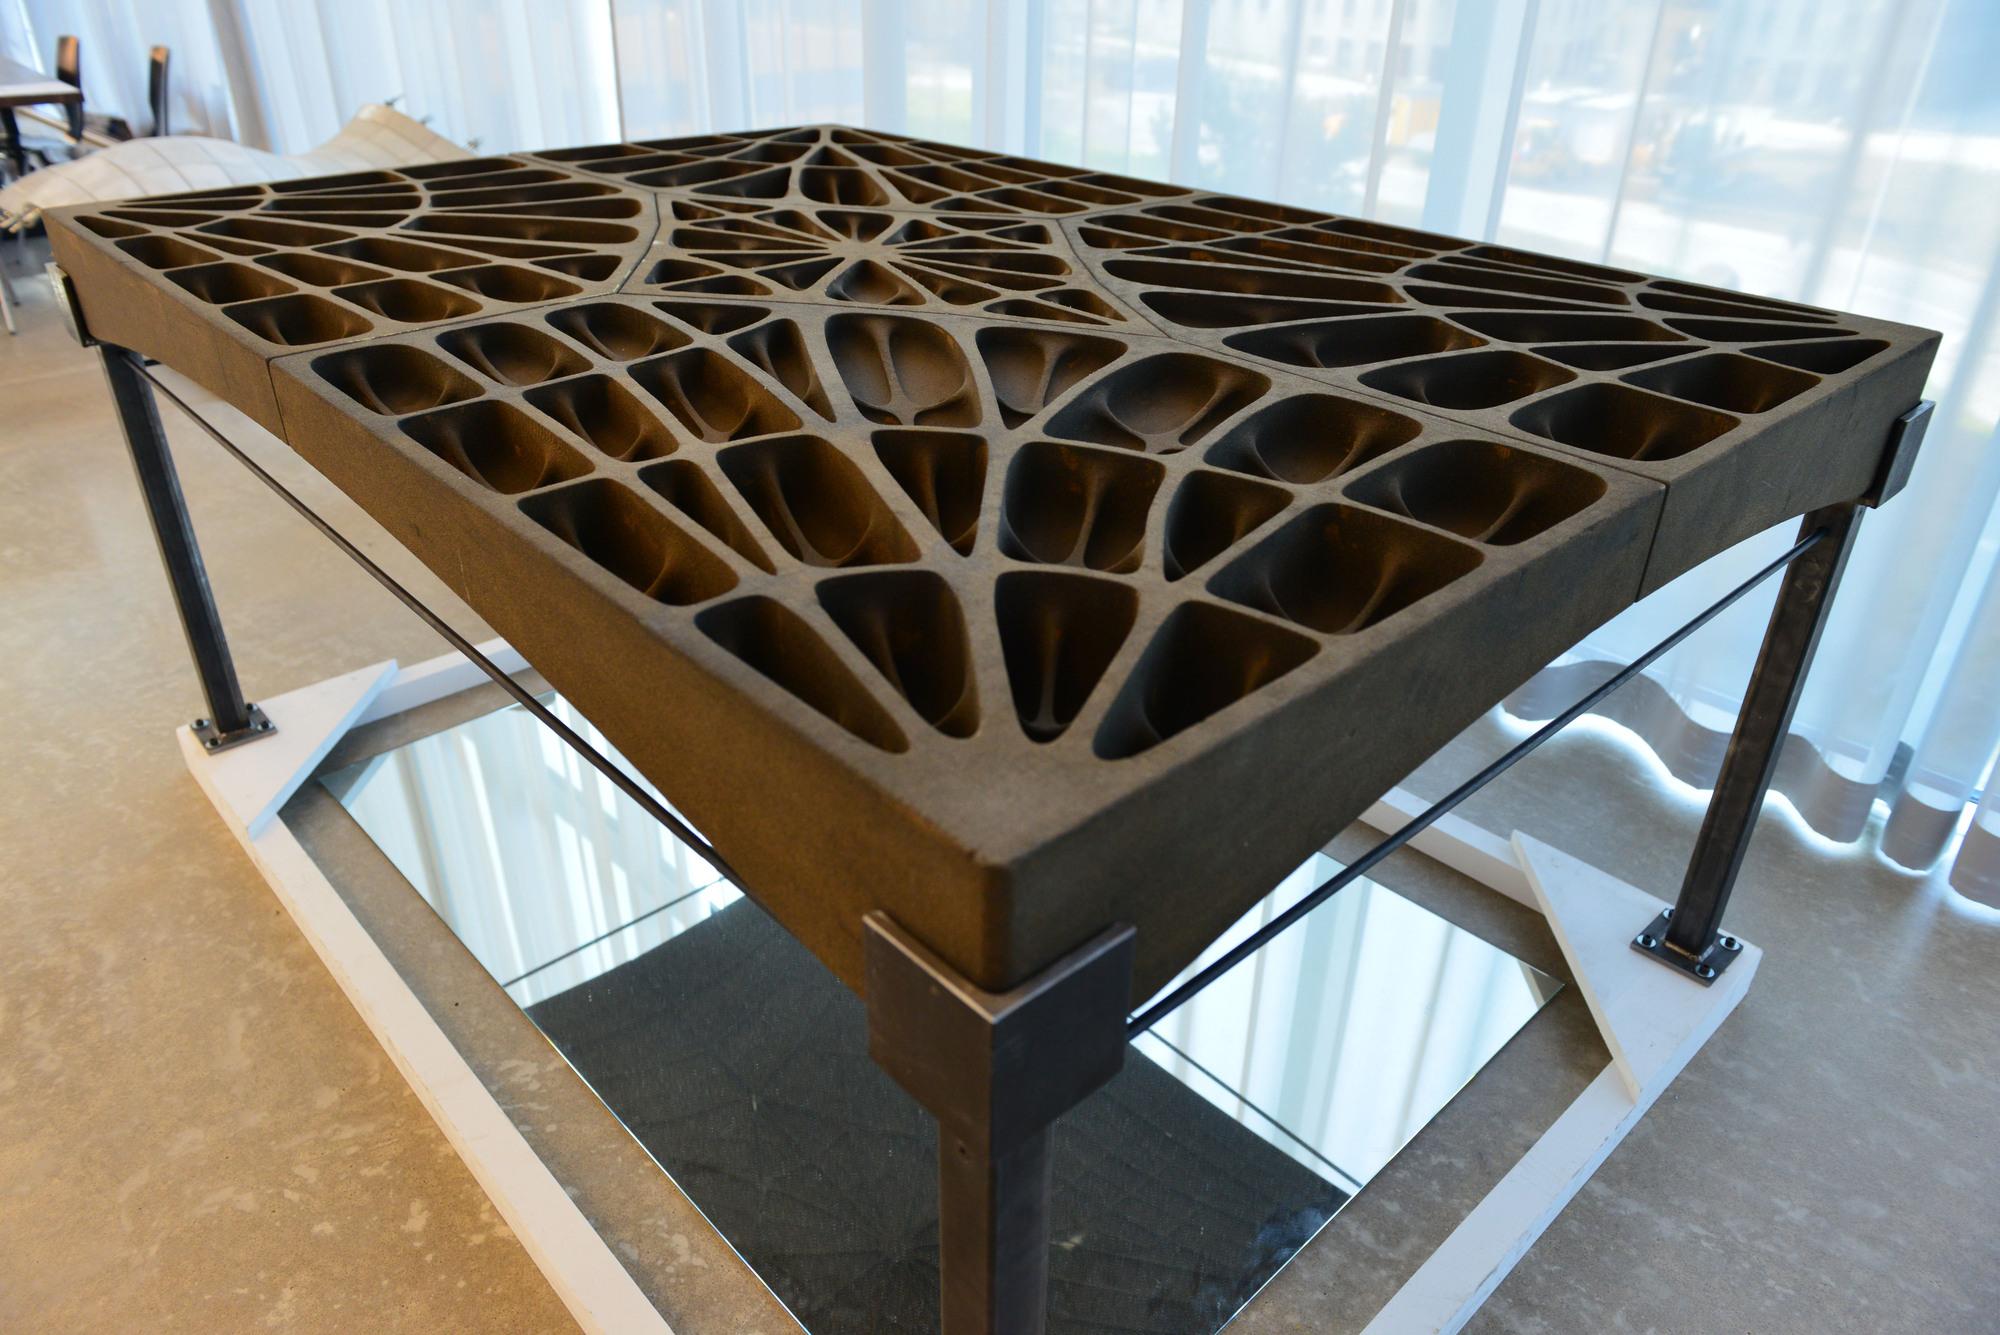 Técnicas construtivas góticas inspiram o desenvolvimento de lajes leves de concreto na ETH Zurich